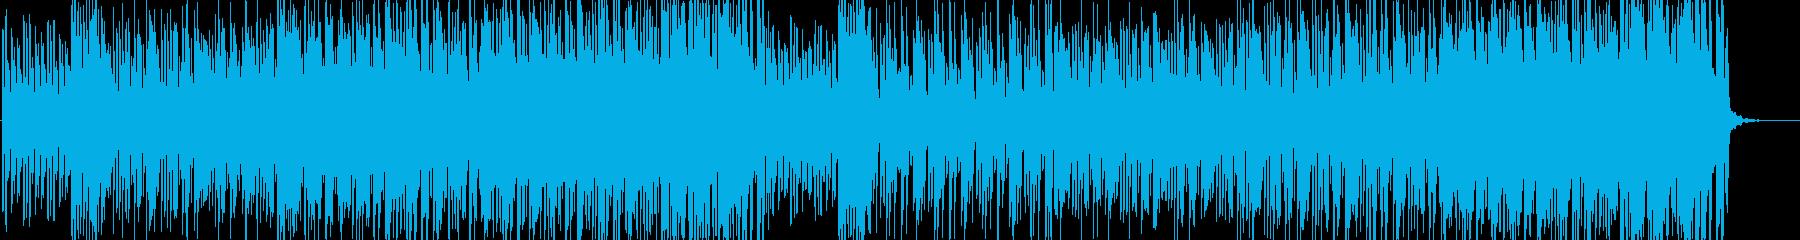 賑やかで忙しないジャズ風ピアノの再生済みの波形